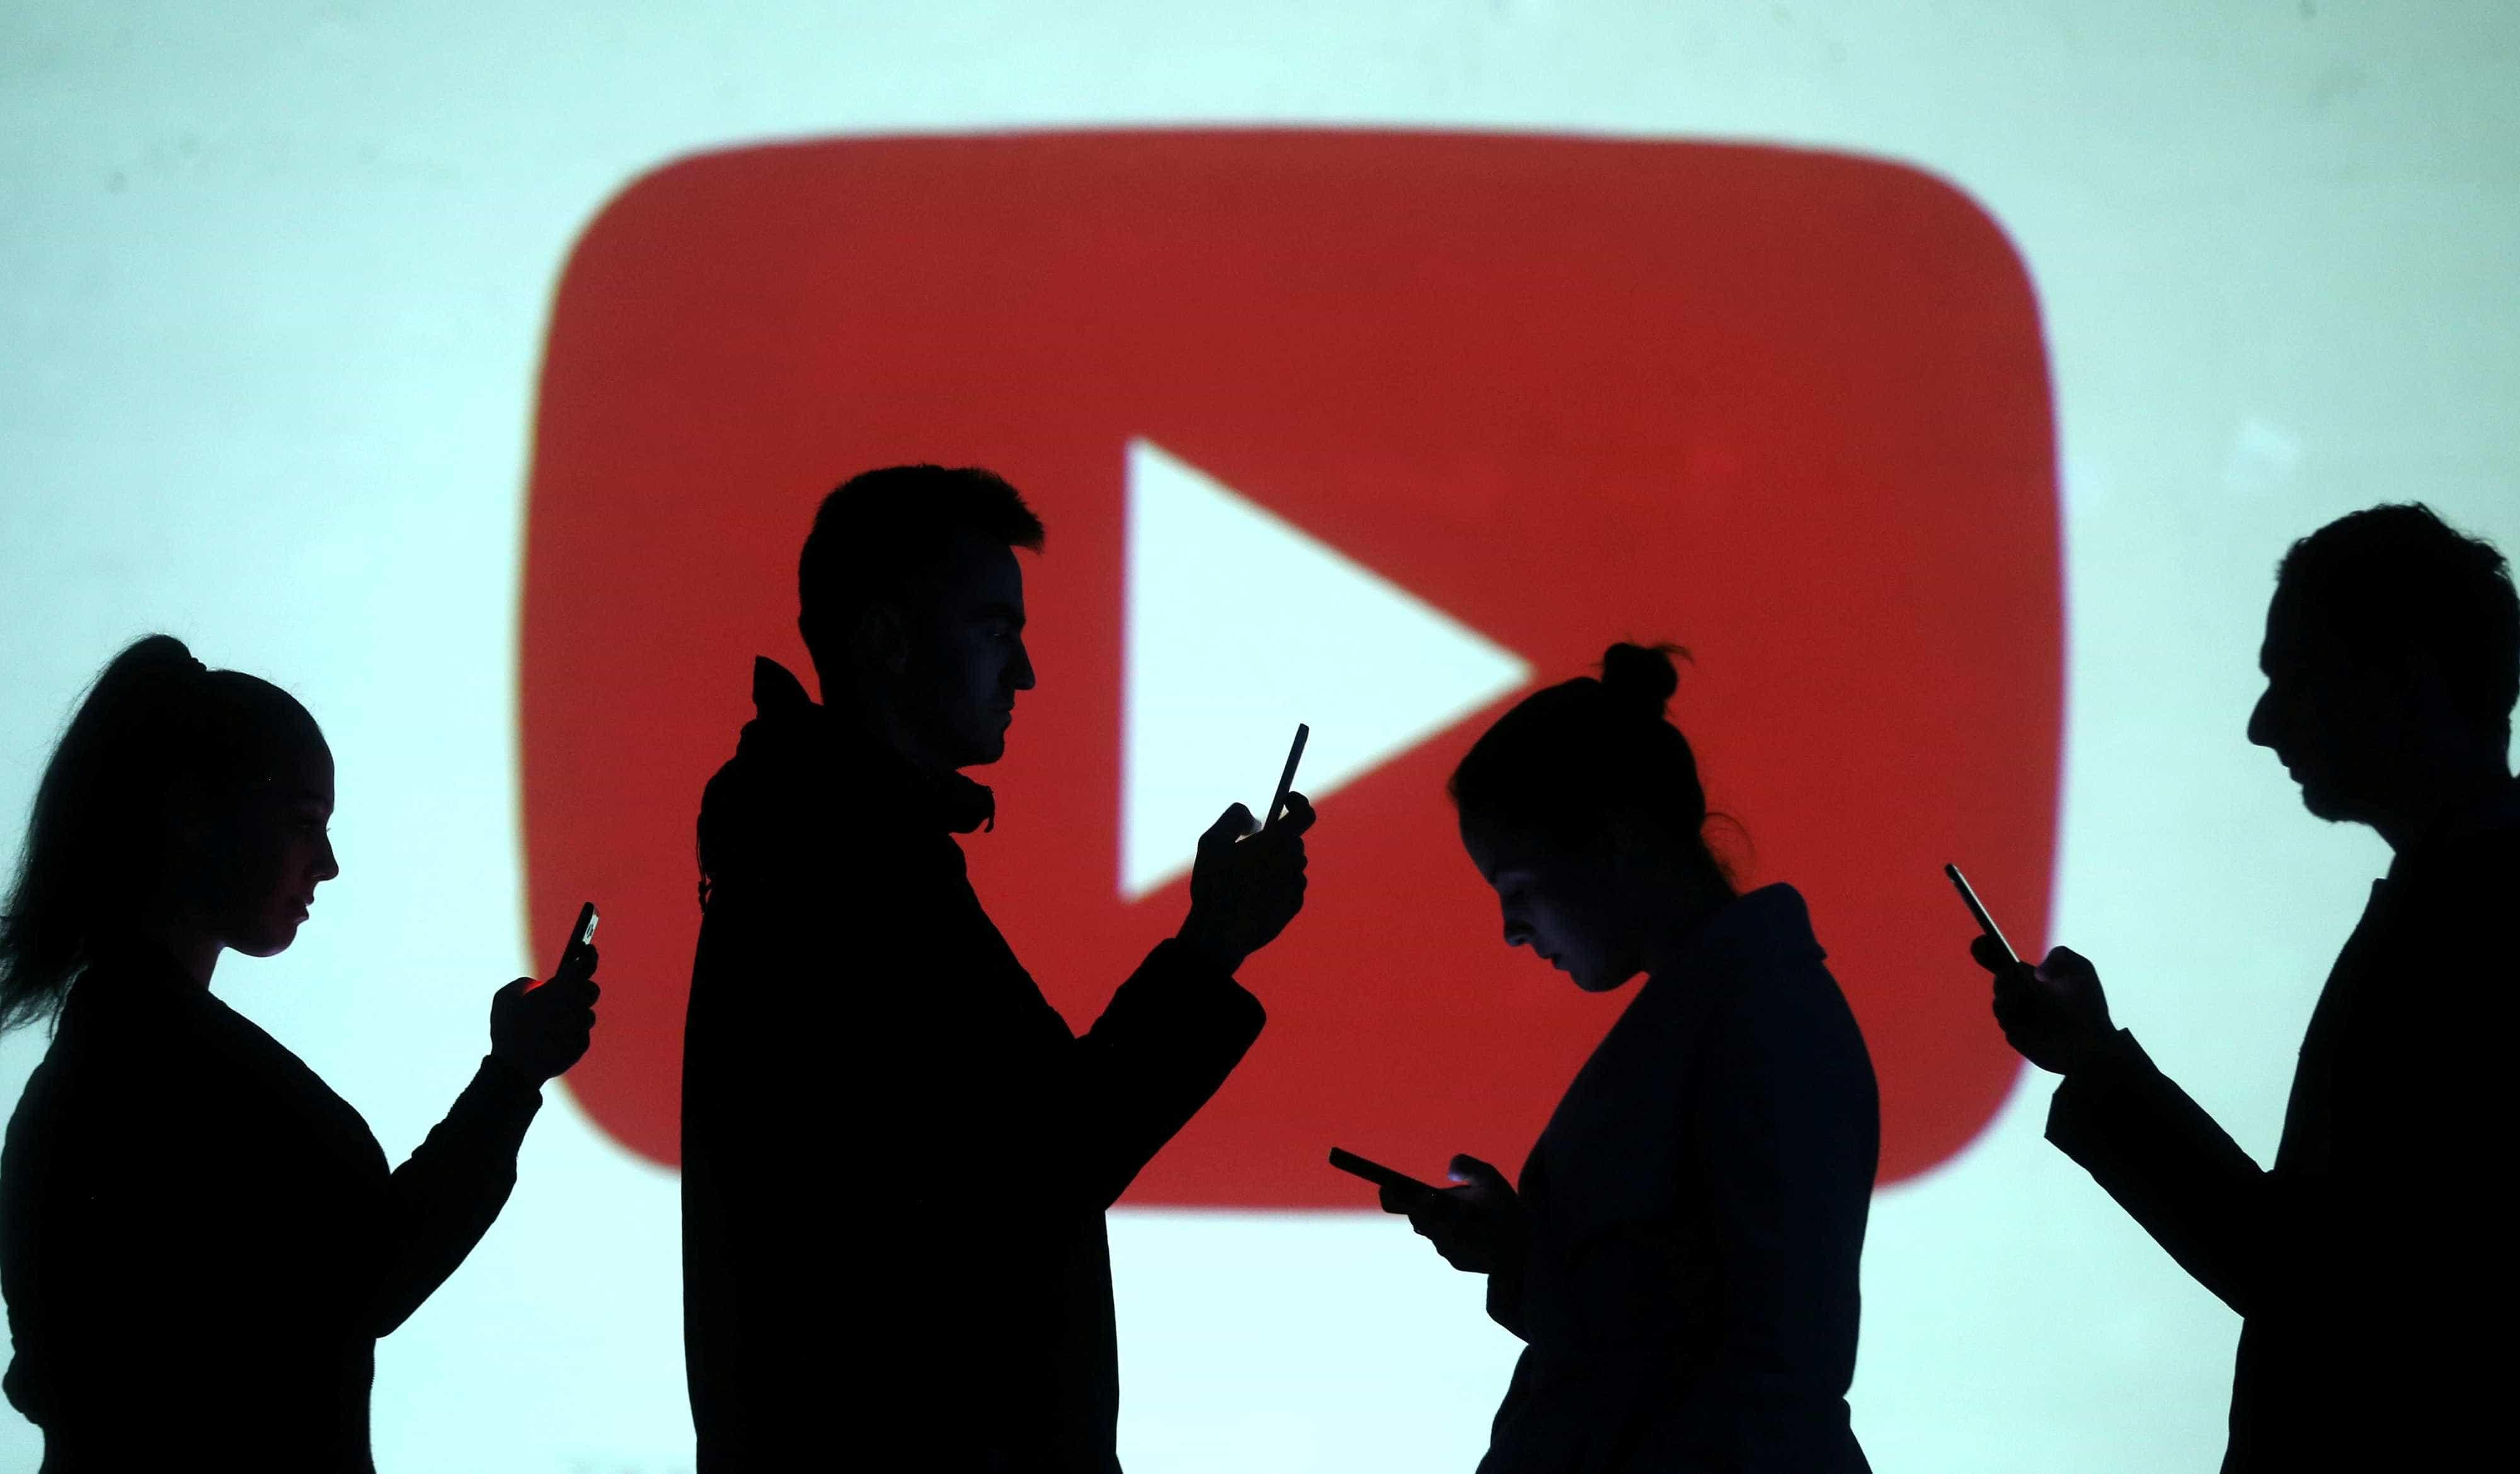 Vídeo apagado levou homem à sede do YouTube ameaçar trabalhadores